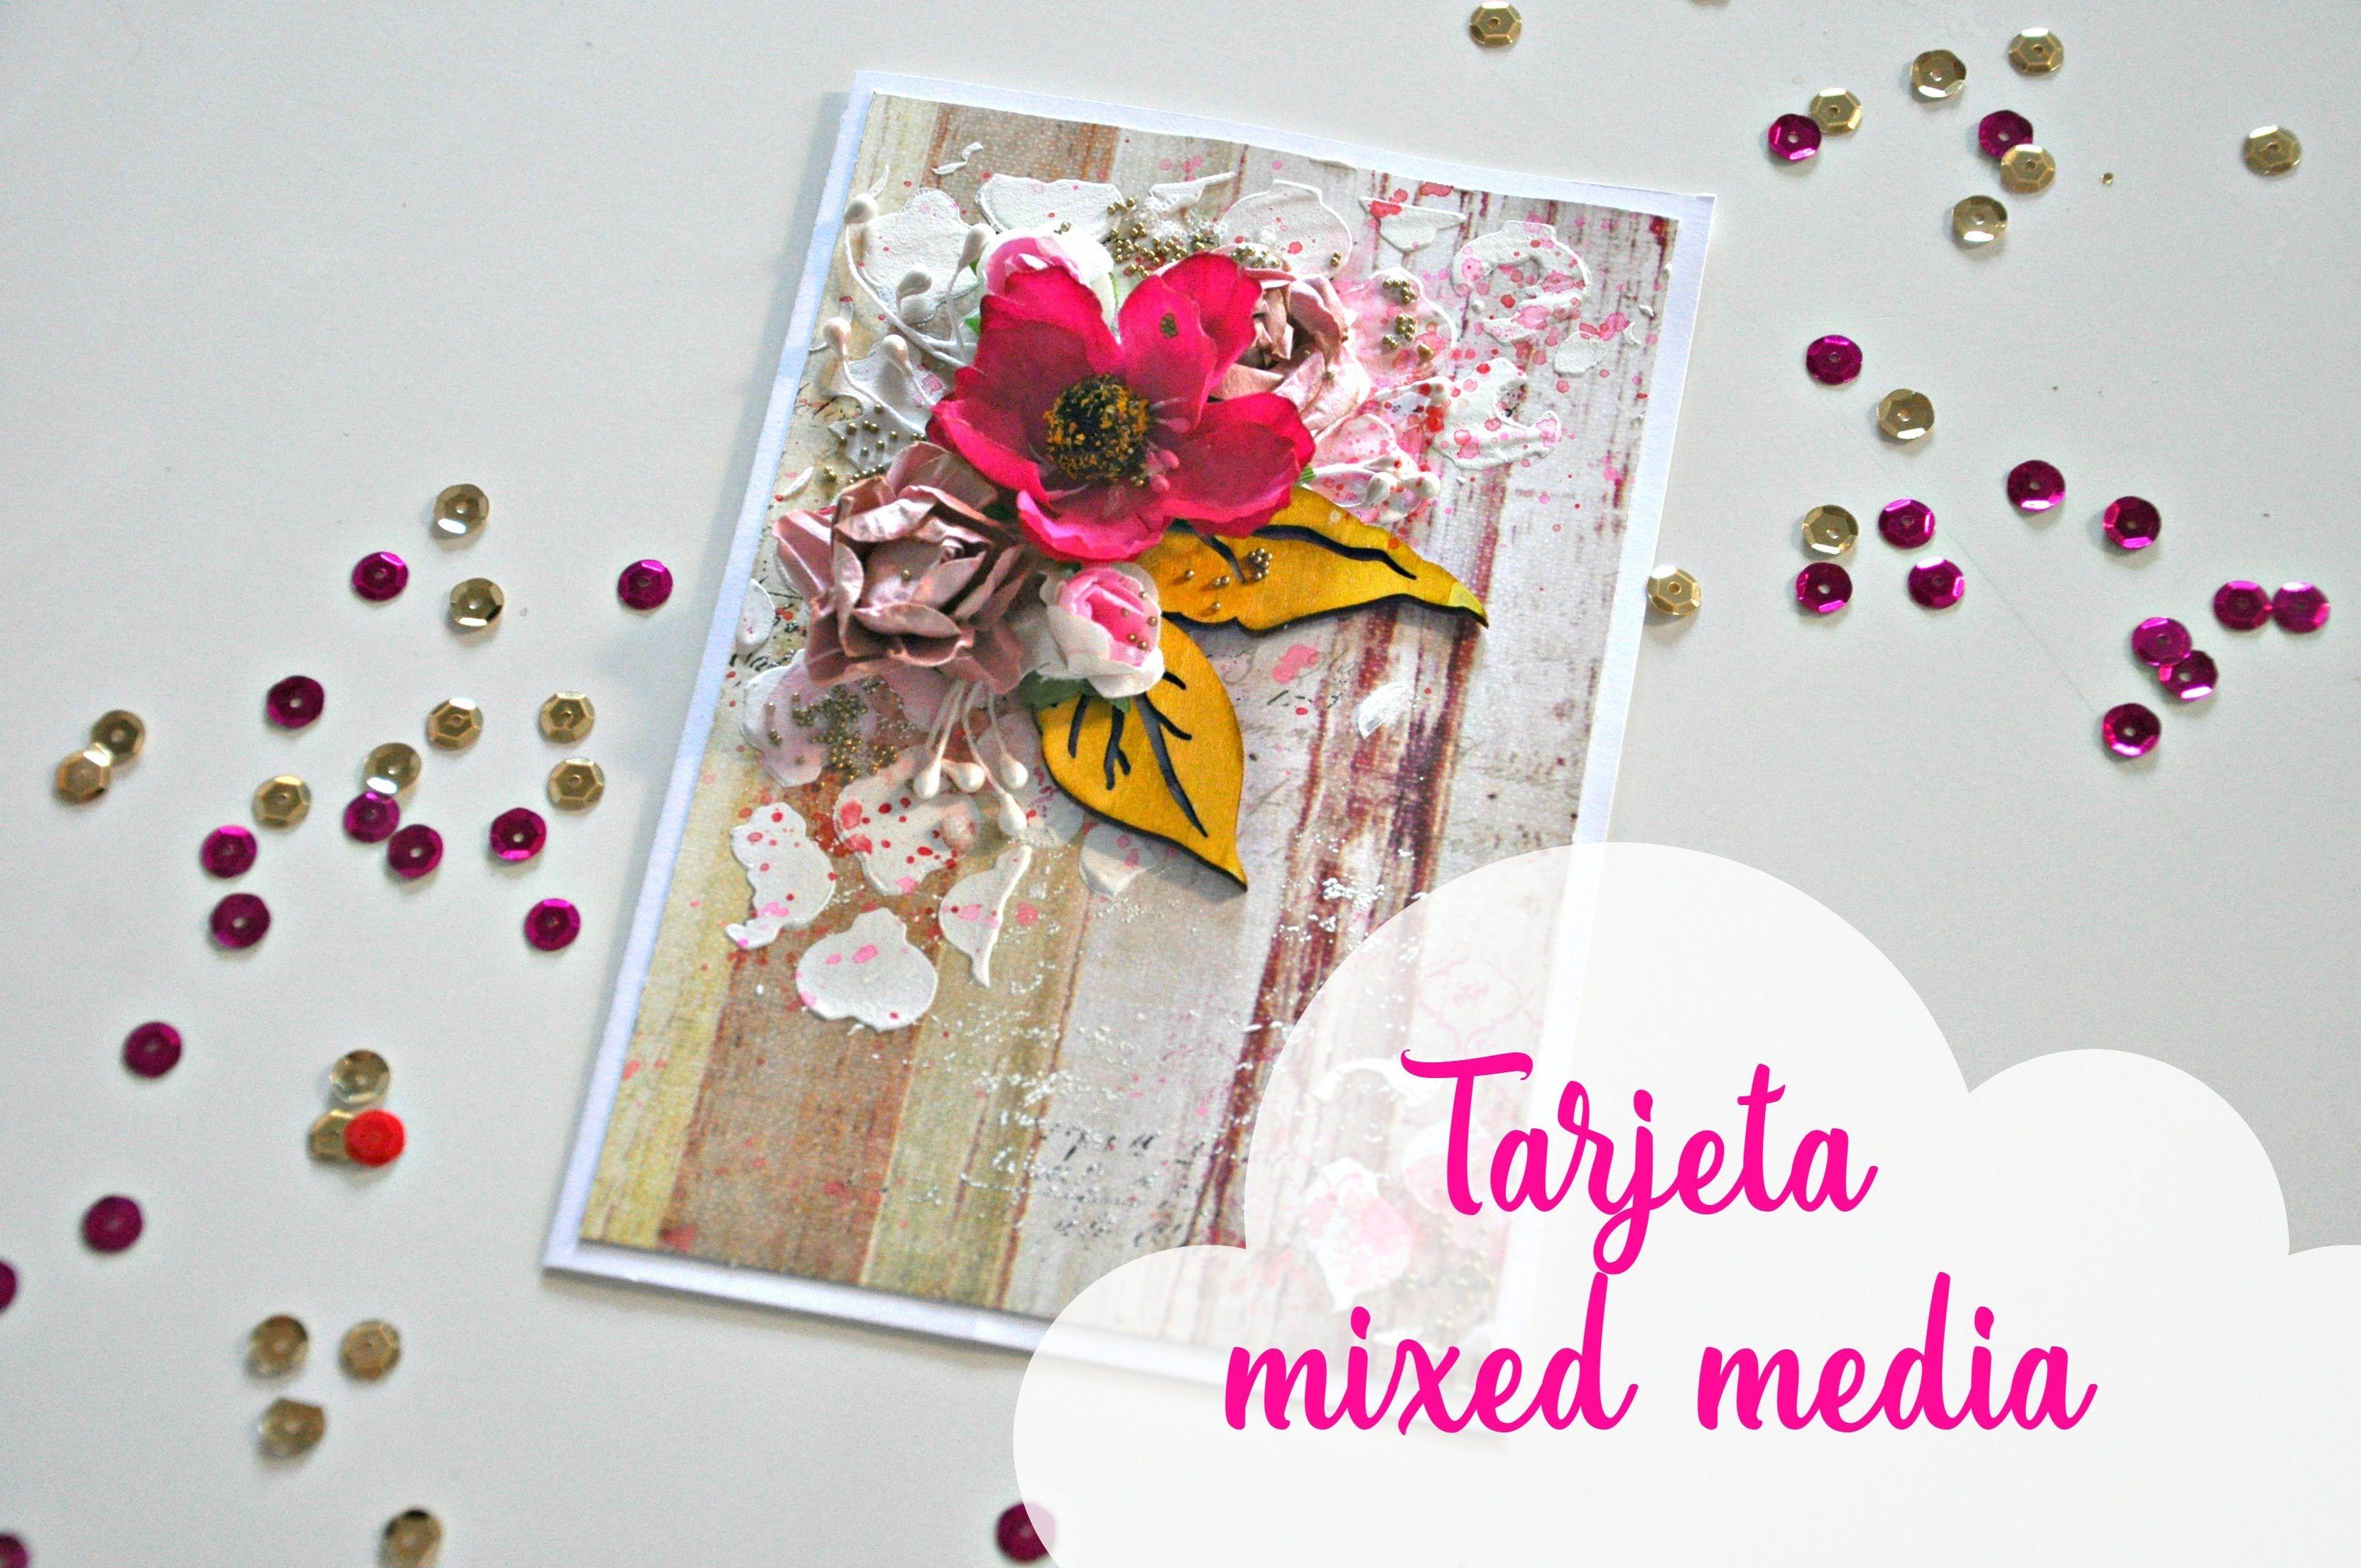 Tutorial tarjeta mixed media paso a paso | Mixed media card tutorial ste...